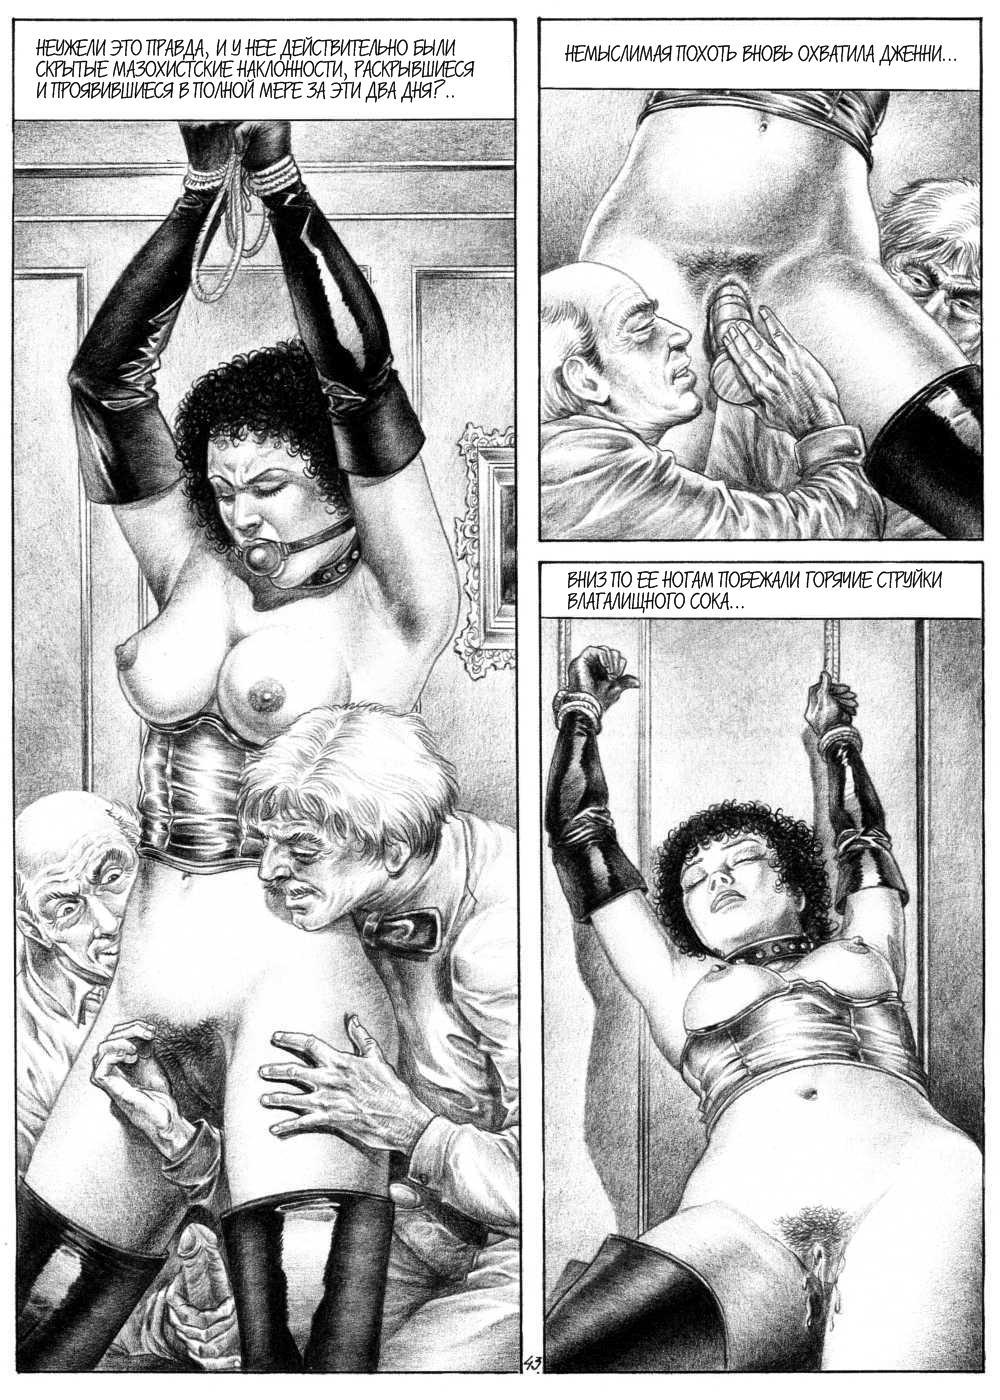 Порнографическая литертура